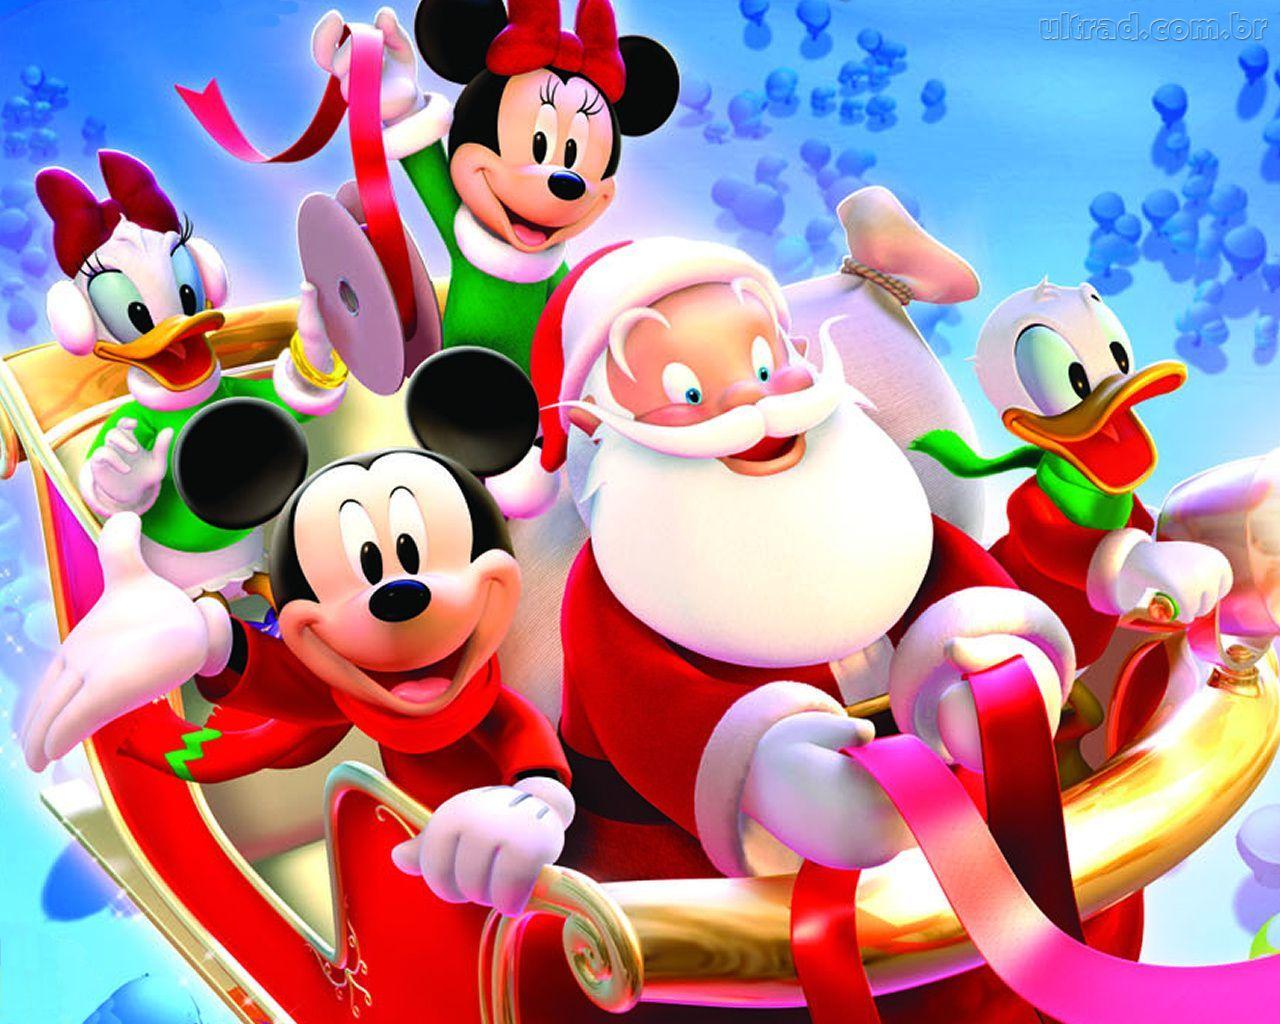 Papel De Parede Dos Personagens Da Disney Pesquisa Google Meu  ~ Papel De Parede Para Quarto Infantil Personagens